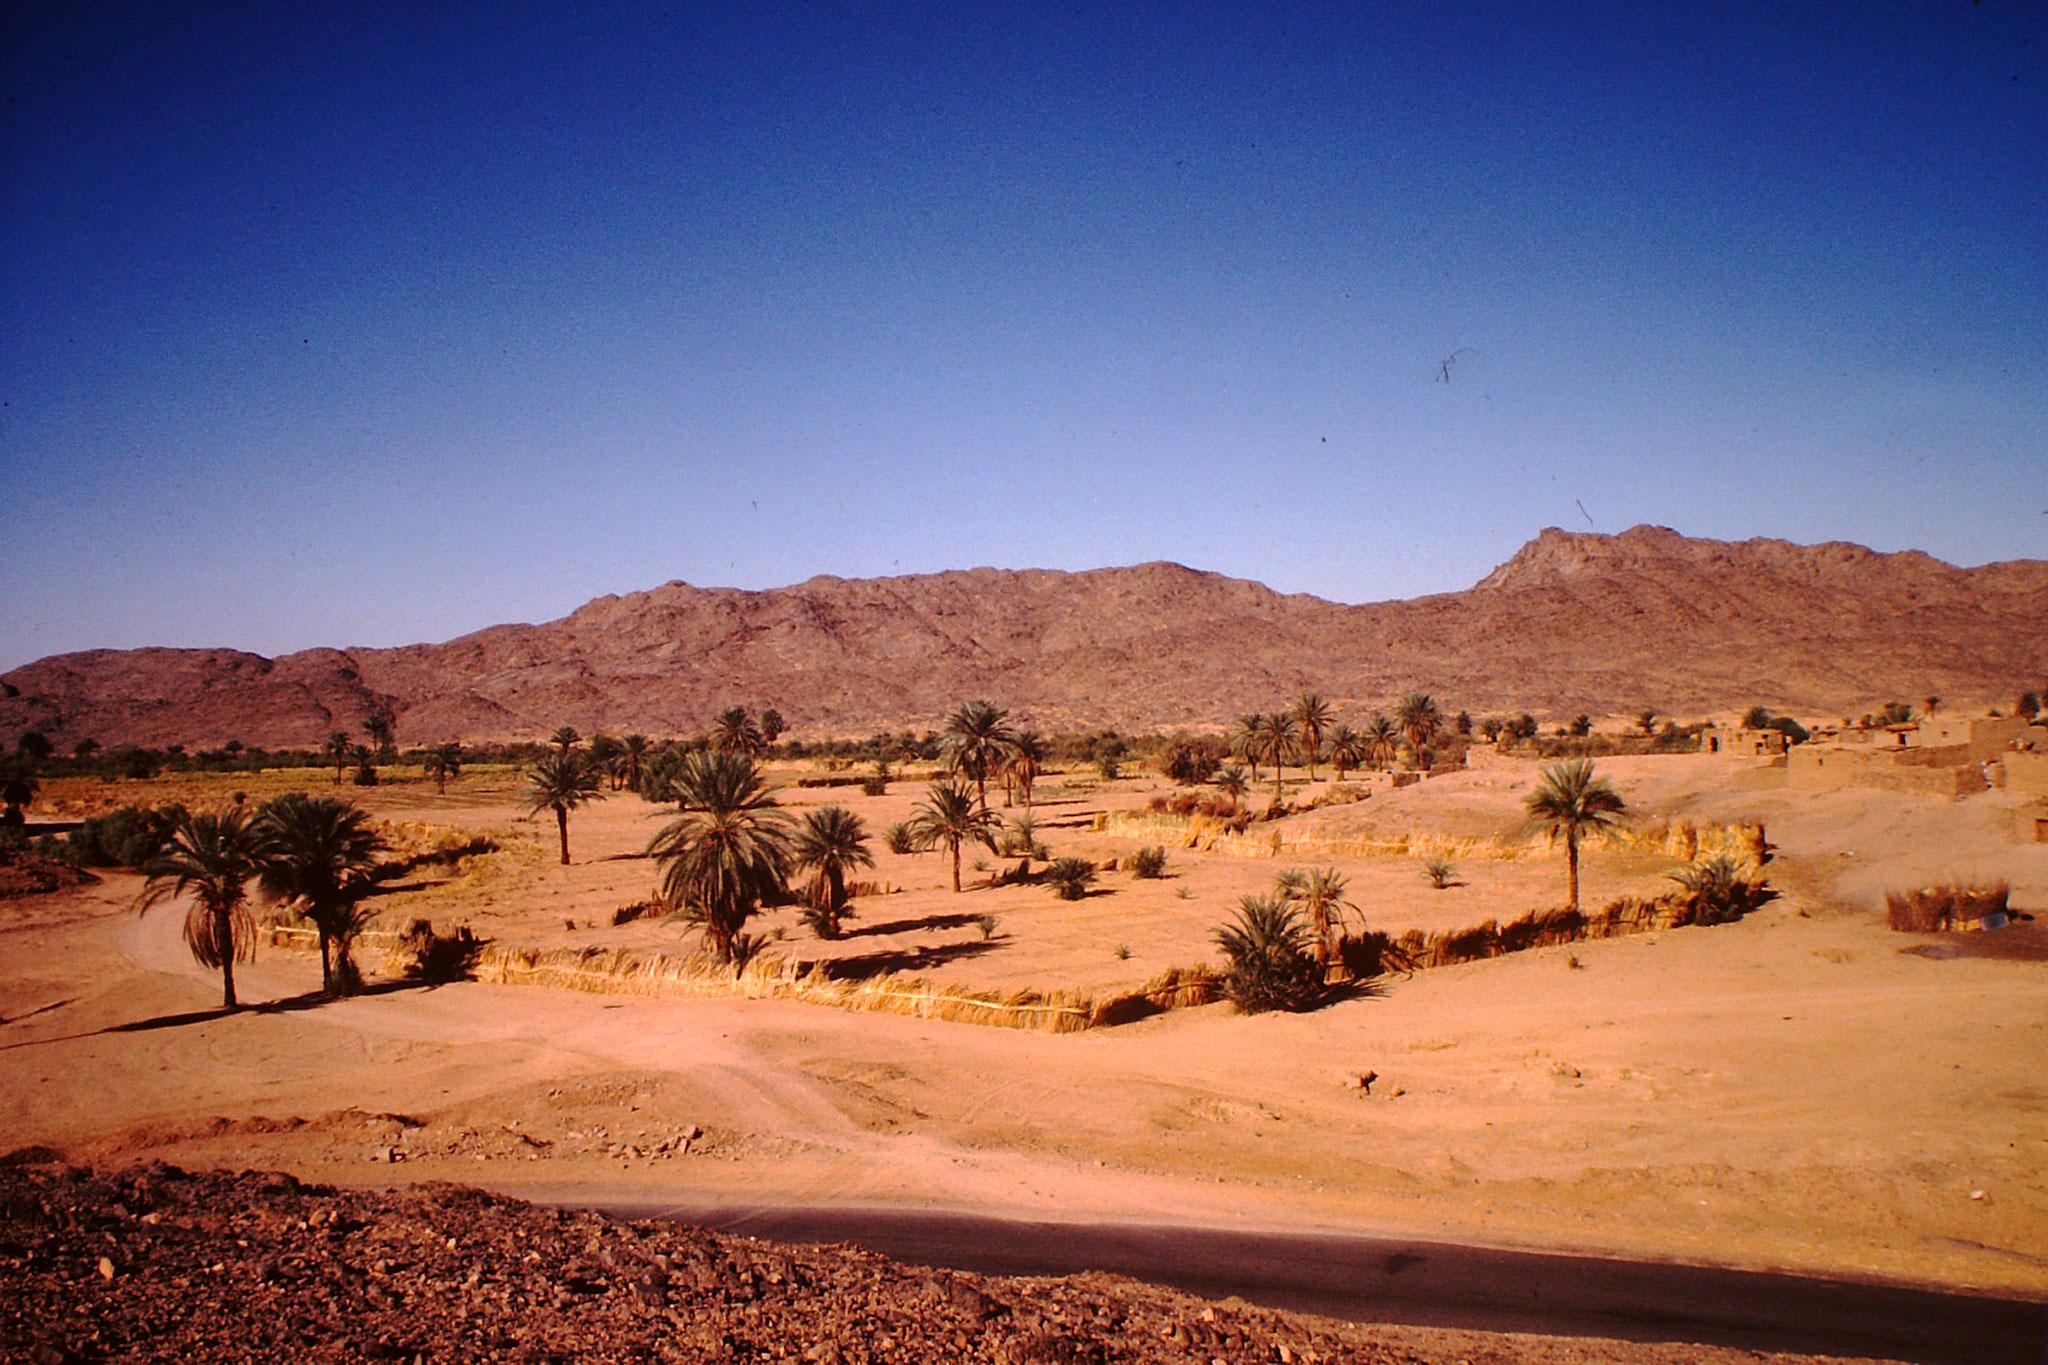 El Golea ist die Stadt der 200'000 Dattelpalmen.